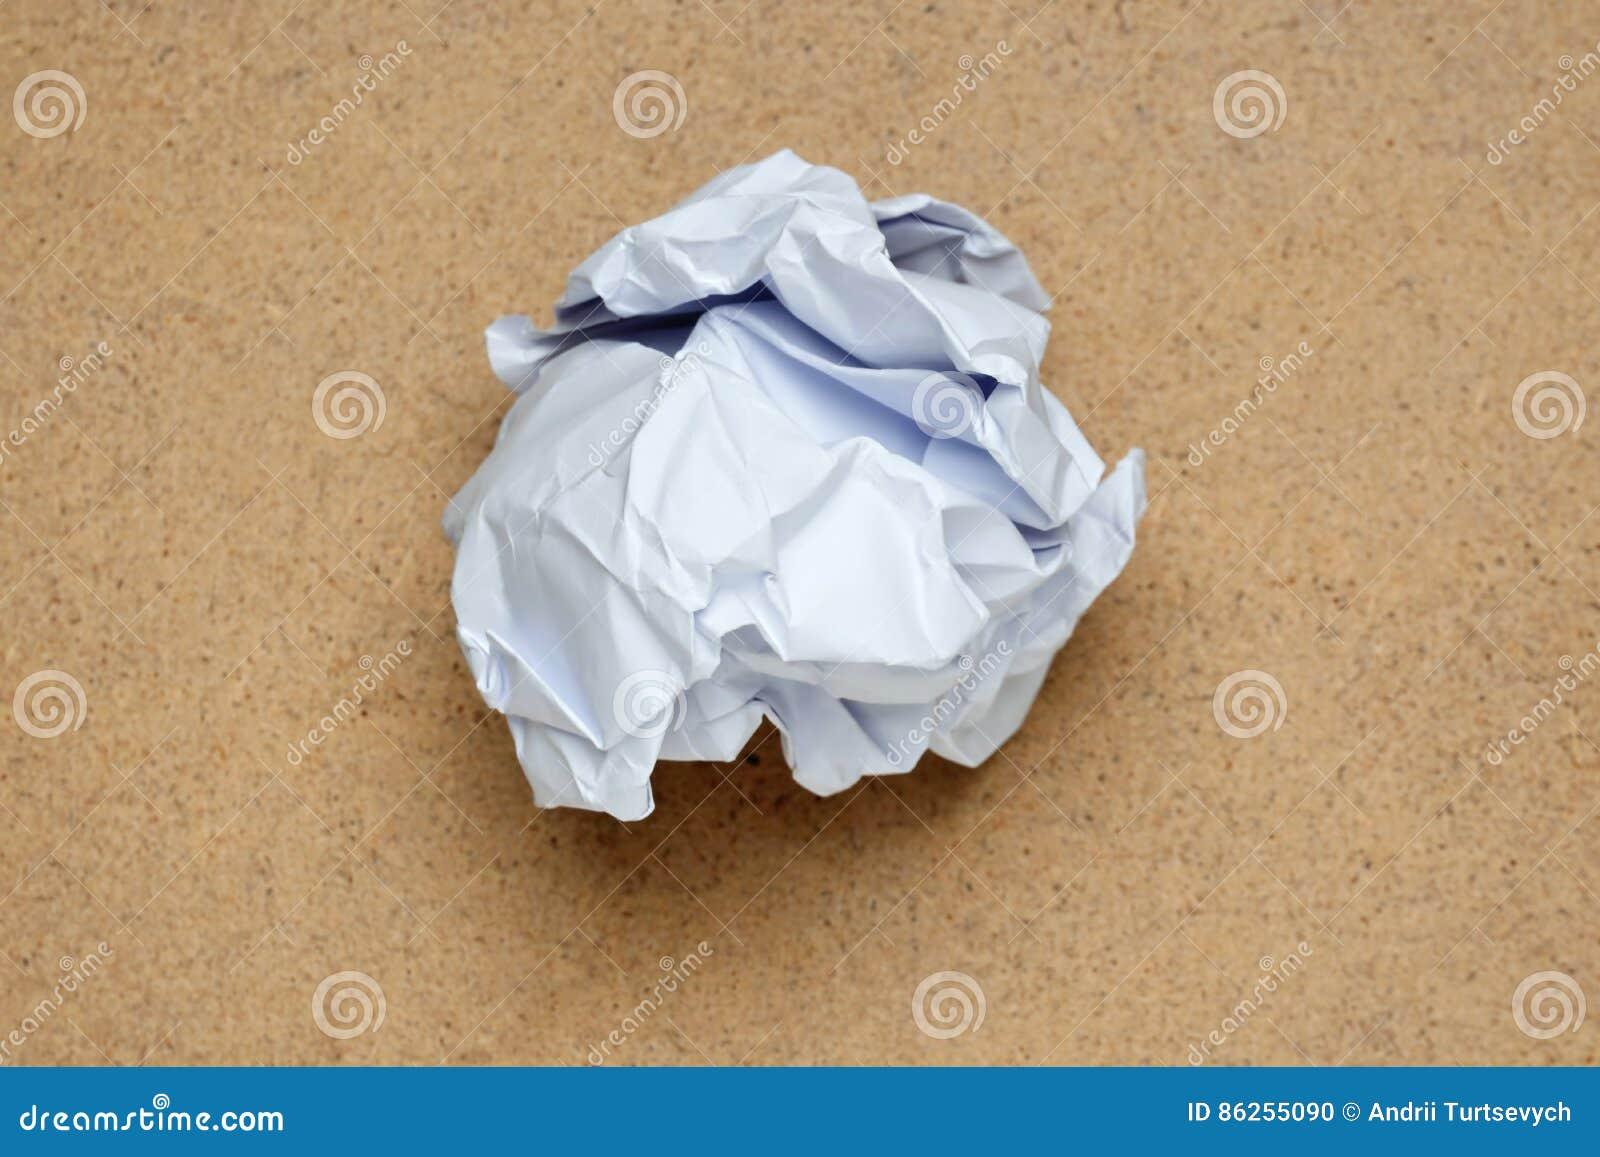 Bola de papel arrugada El detalle del diseño